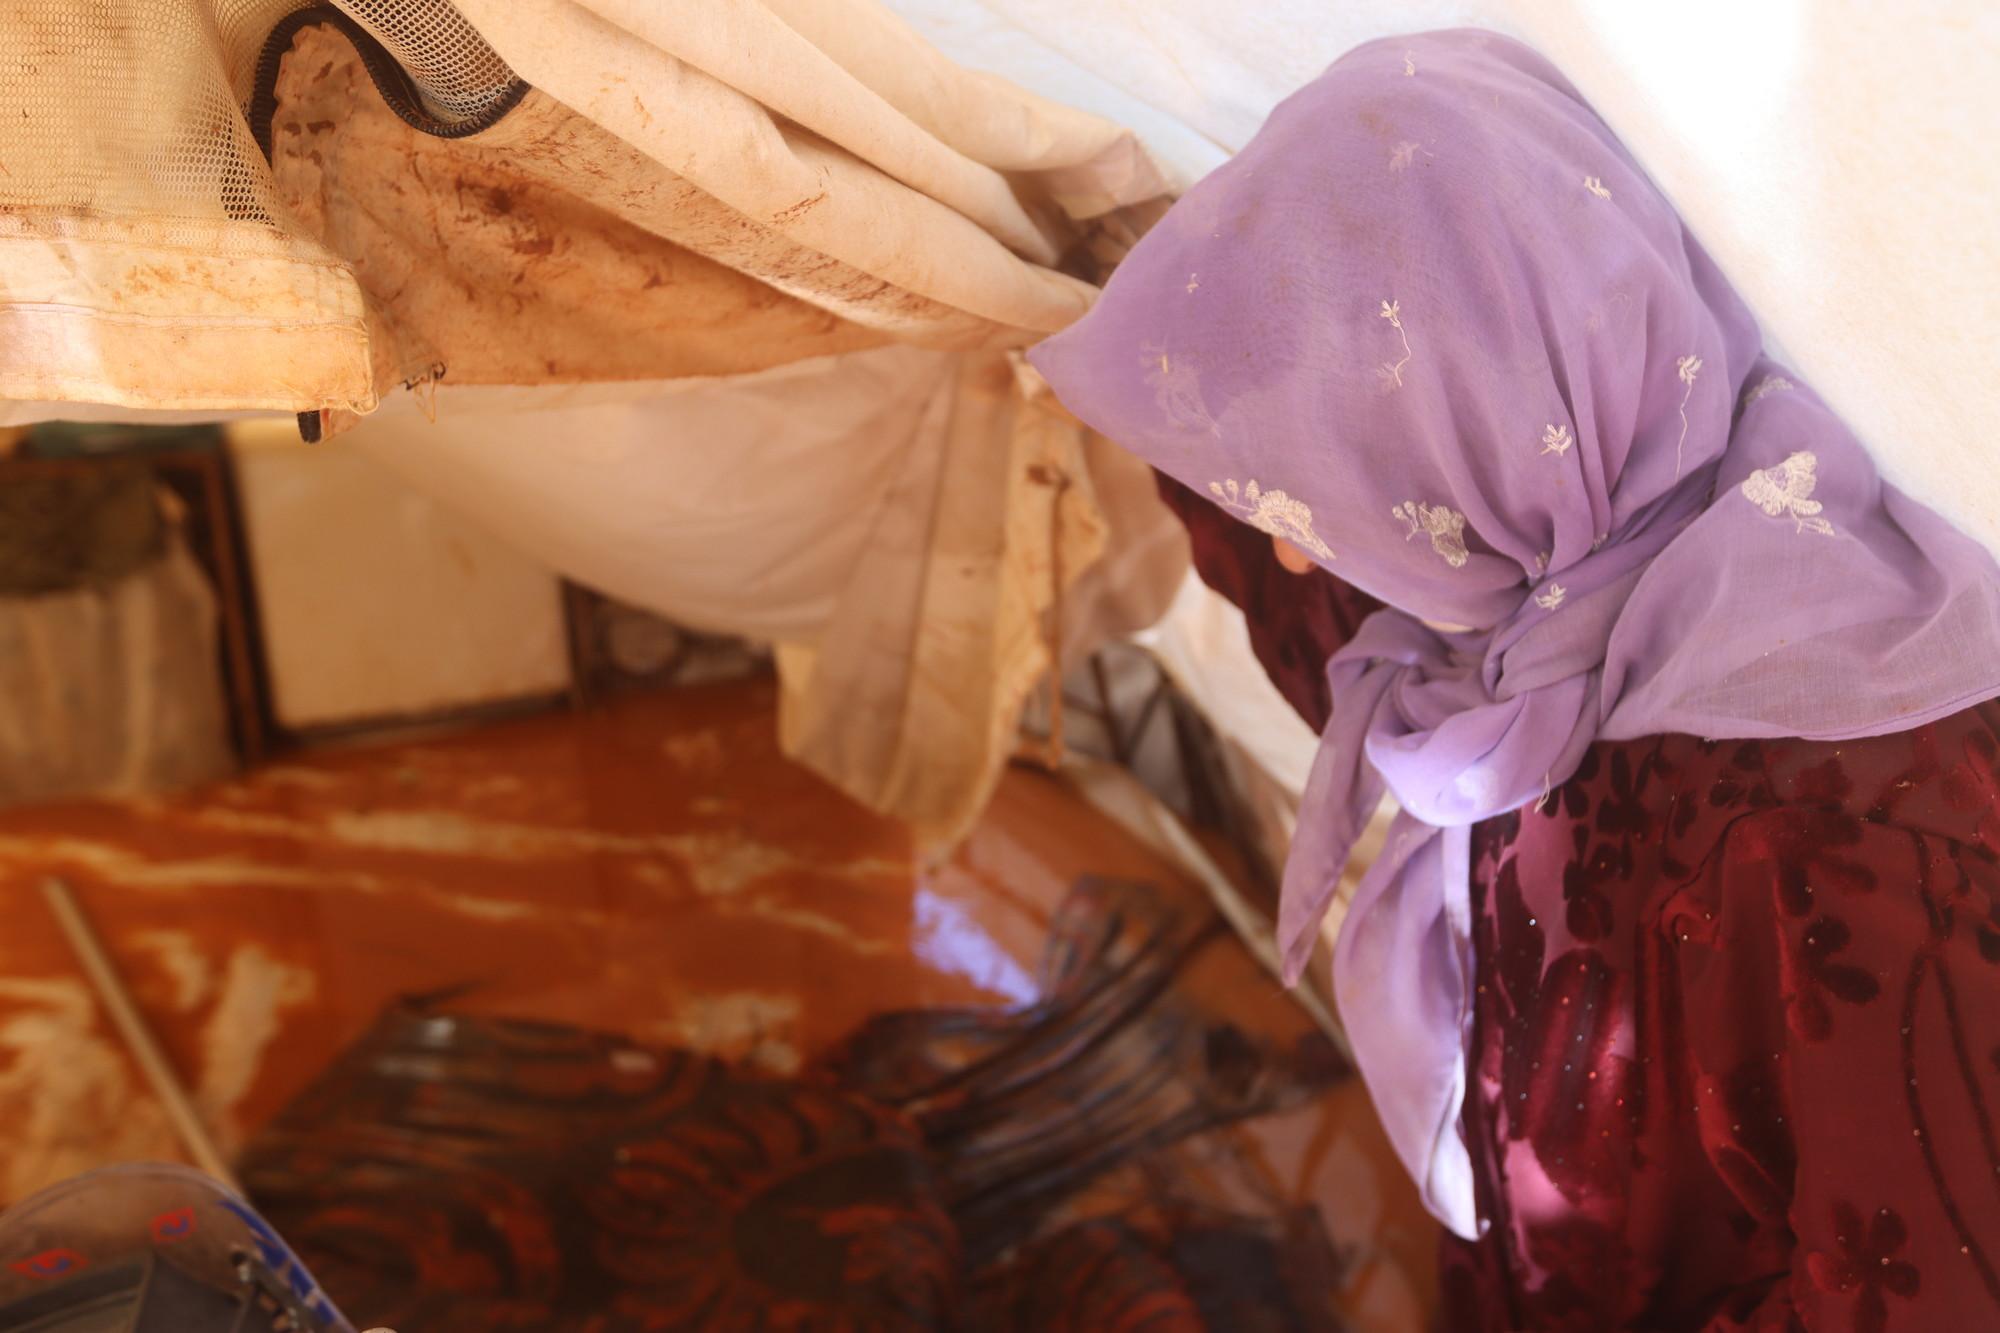 Uma mulher está dentro de uma tenda inundada.